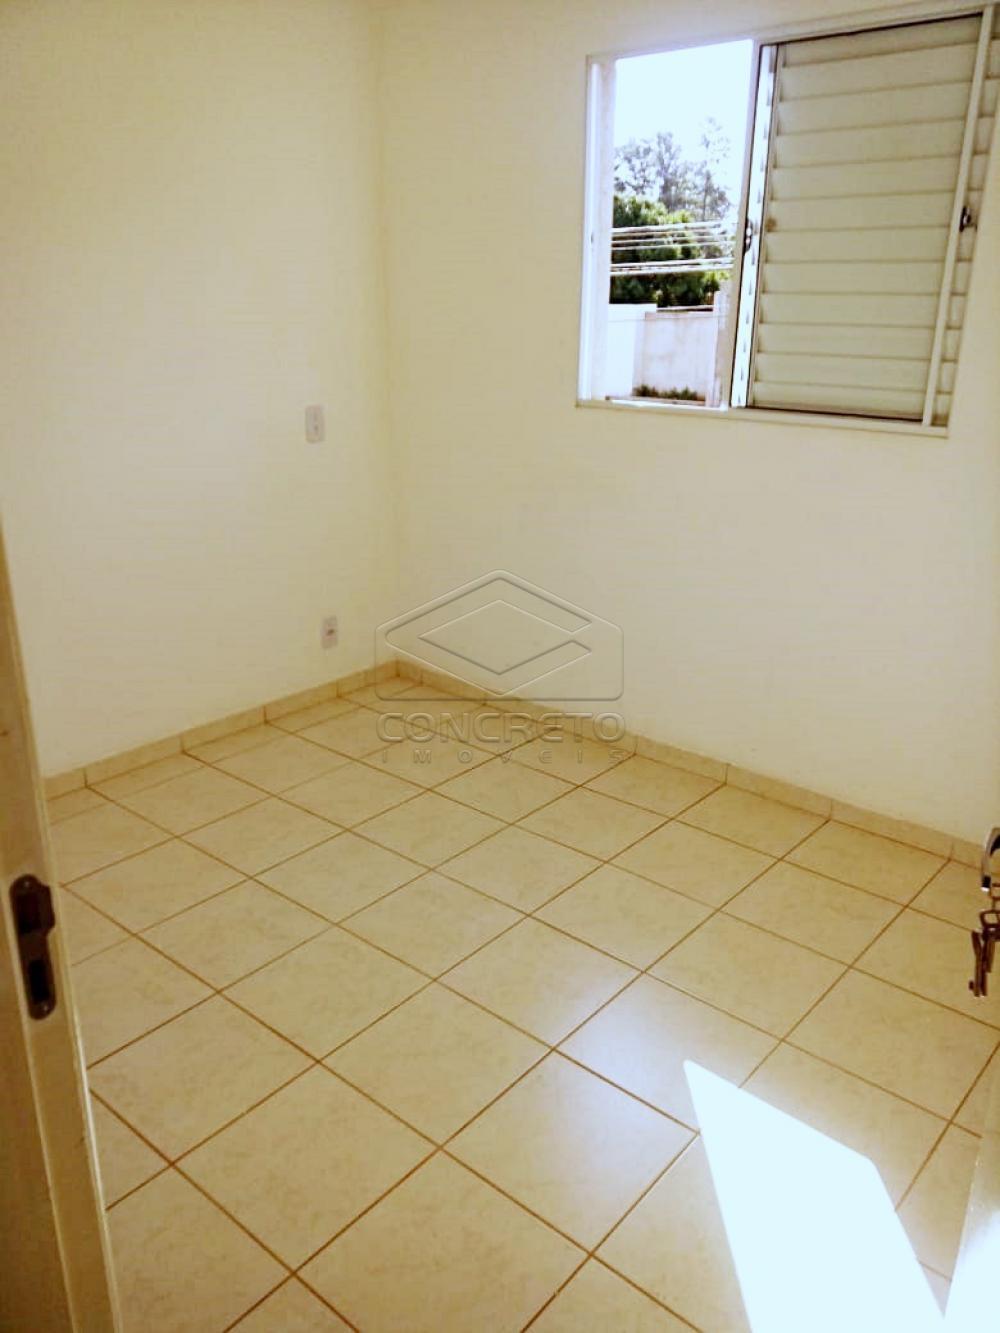 Comprar Apartamento / Padrão em Jaú apenas R$ 140.000,00 - Foto 4